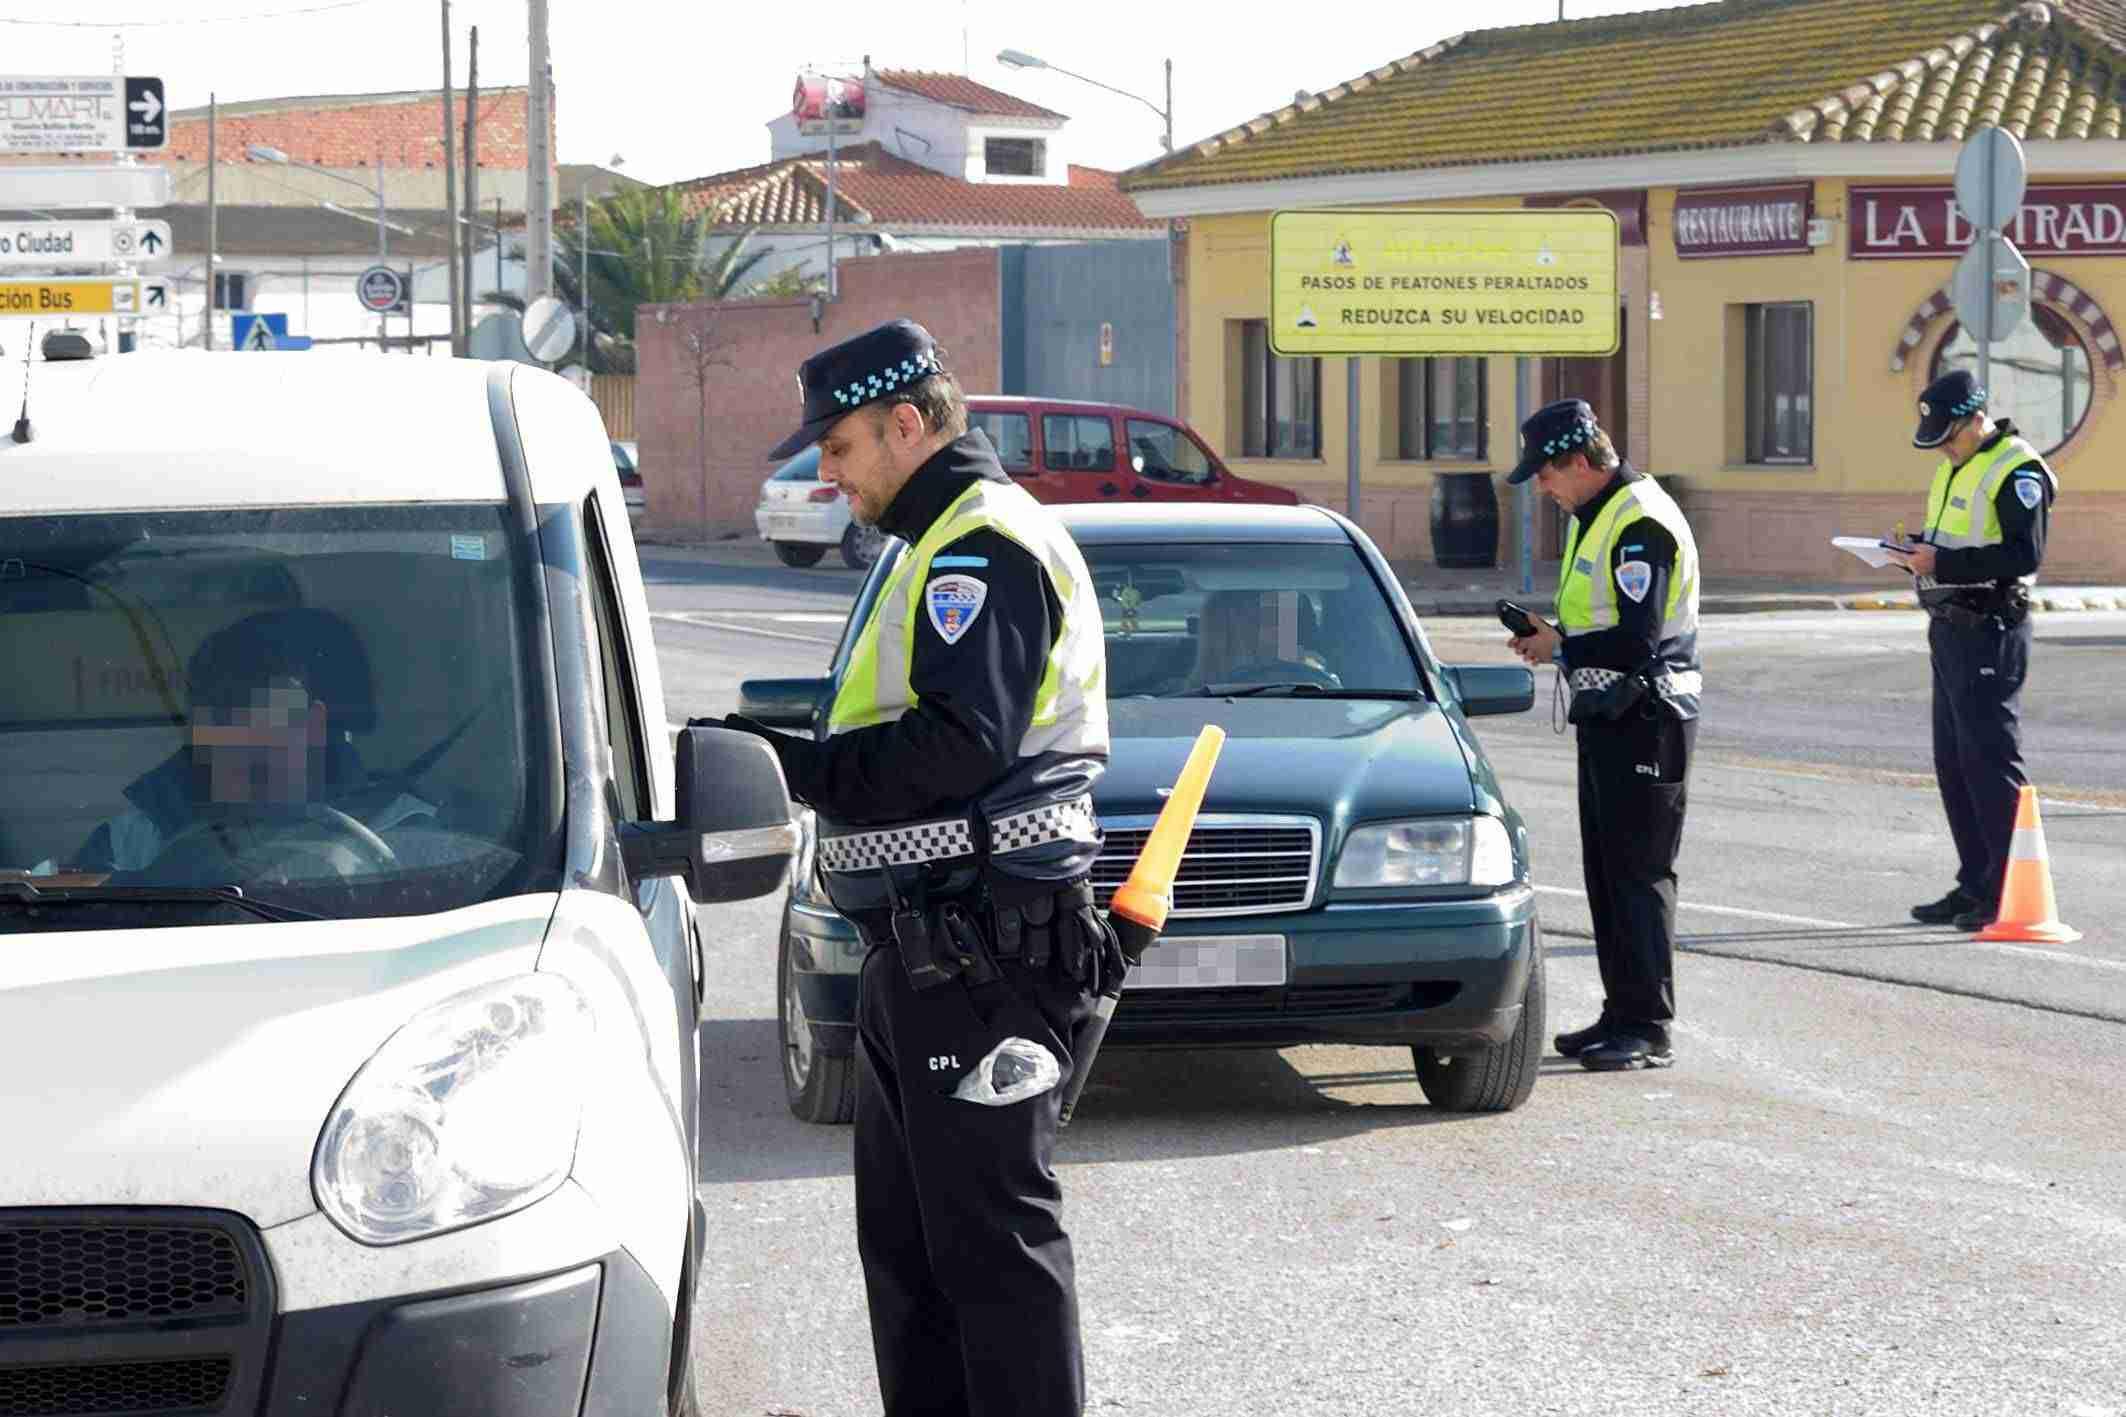 La policía de Argamasilla de Alba realizará controles de alcoholemia y drogas 1